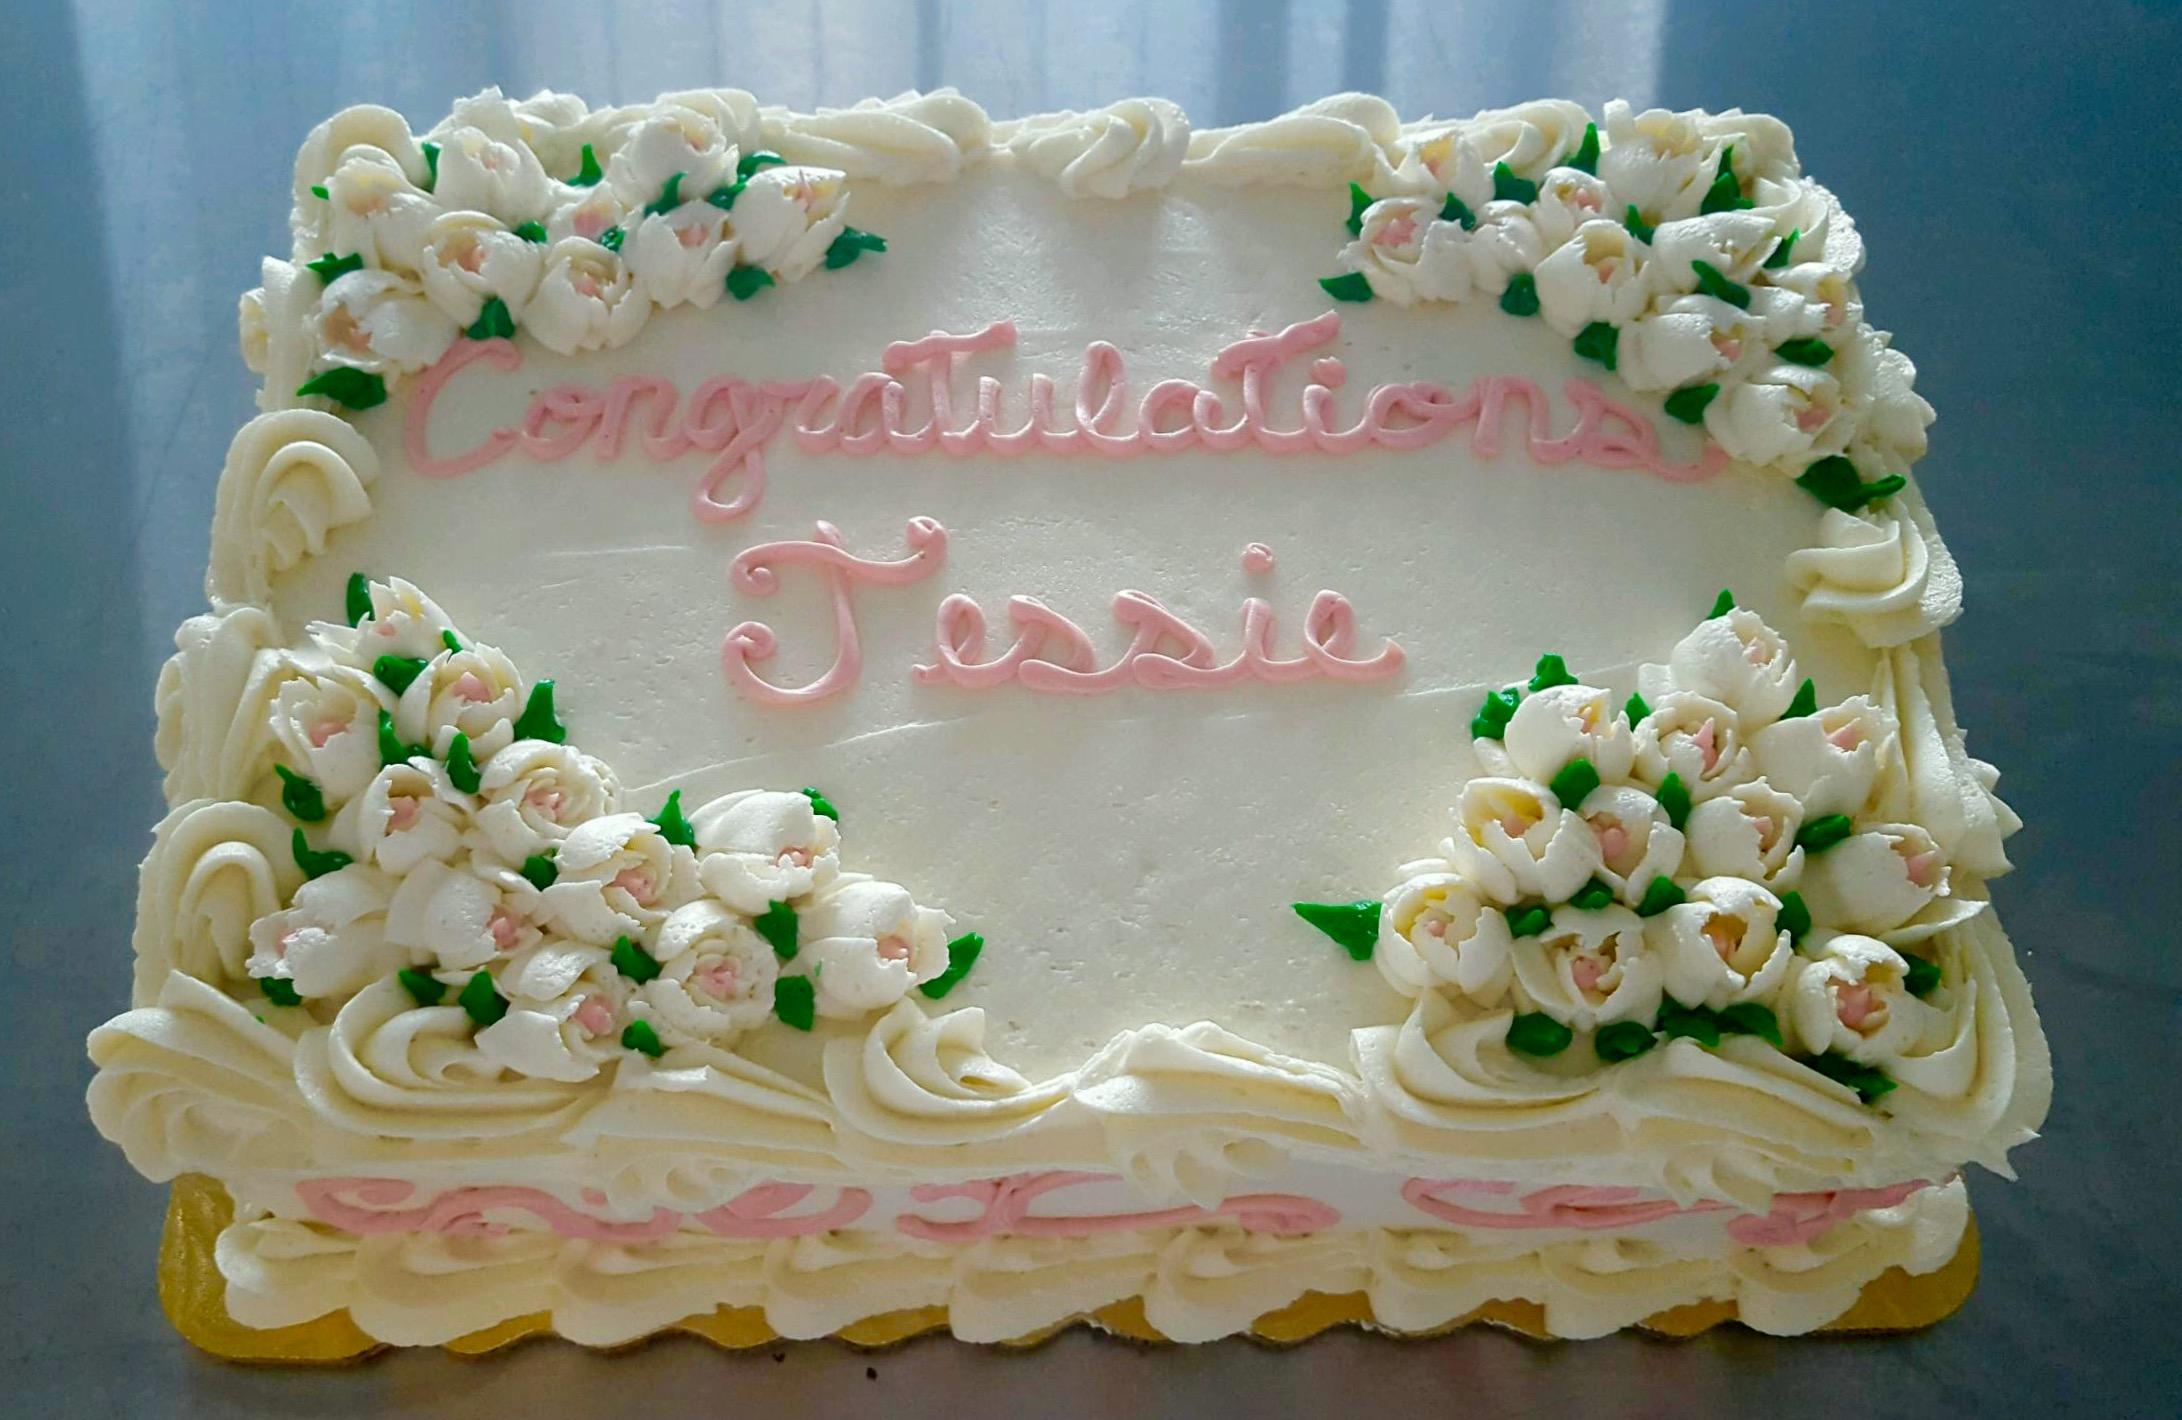 Congratsheet.jpg